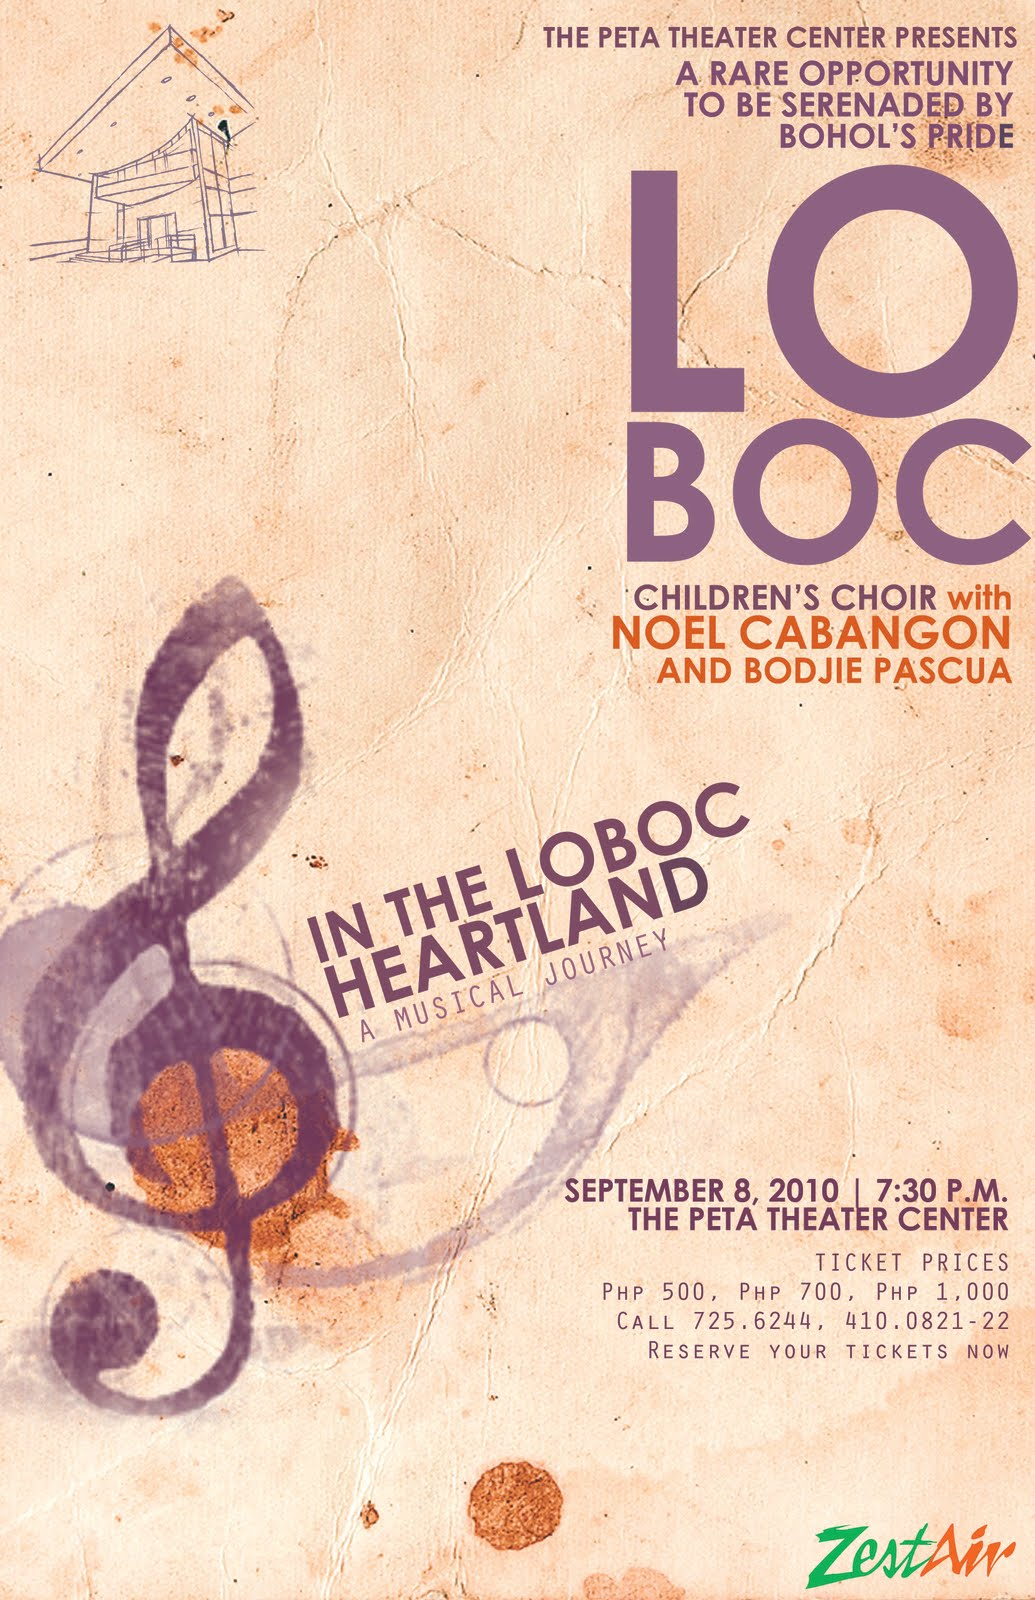 http://3.bp.blogspot.com/_WCIPcJ4mgg8/TGve0uGv_cI/AAAAAAAAFfA/f0lTVv6Z_Q4/s1600/Loboc+poster+new.jpg